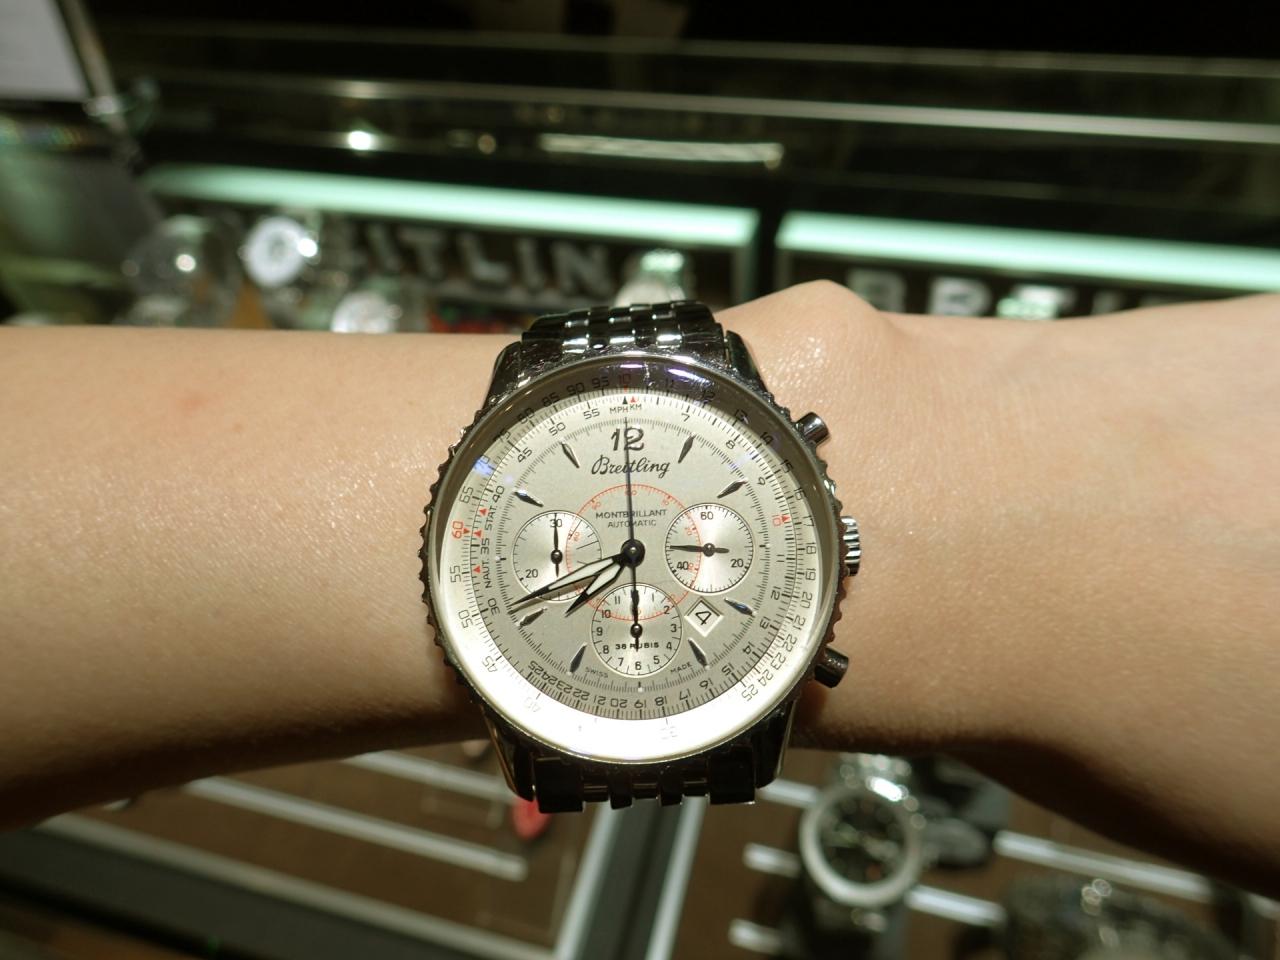 ブライトリングDAY間近☆時計に似合うゾッカイのブレスレット ファッションジュエリー イベント・フェアー 日記 お知らせ